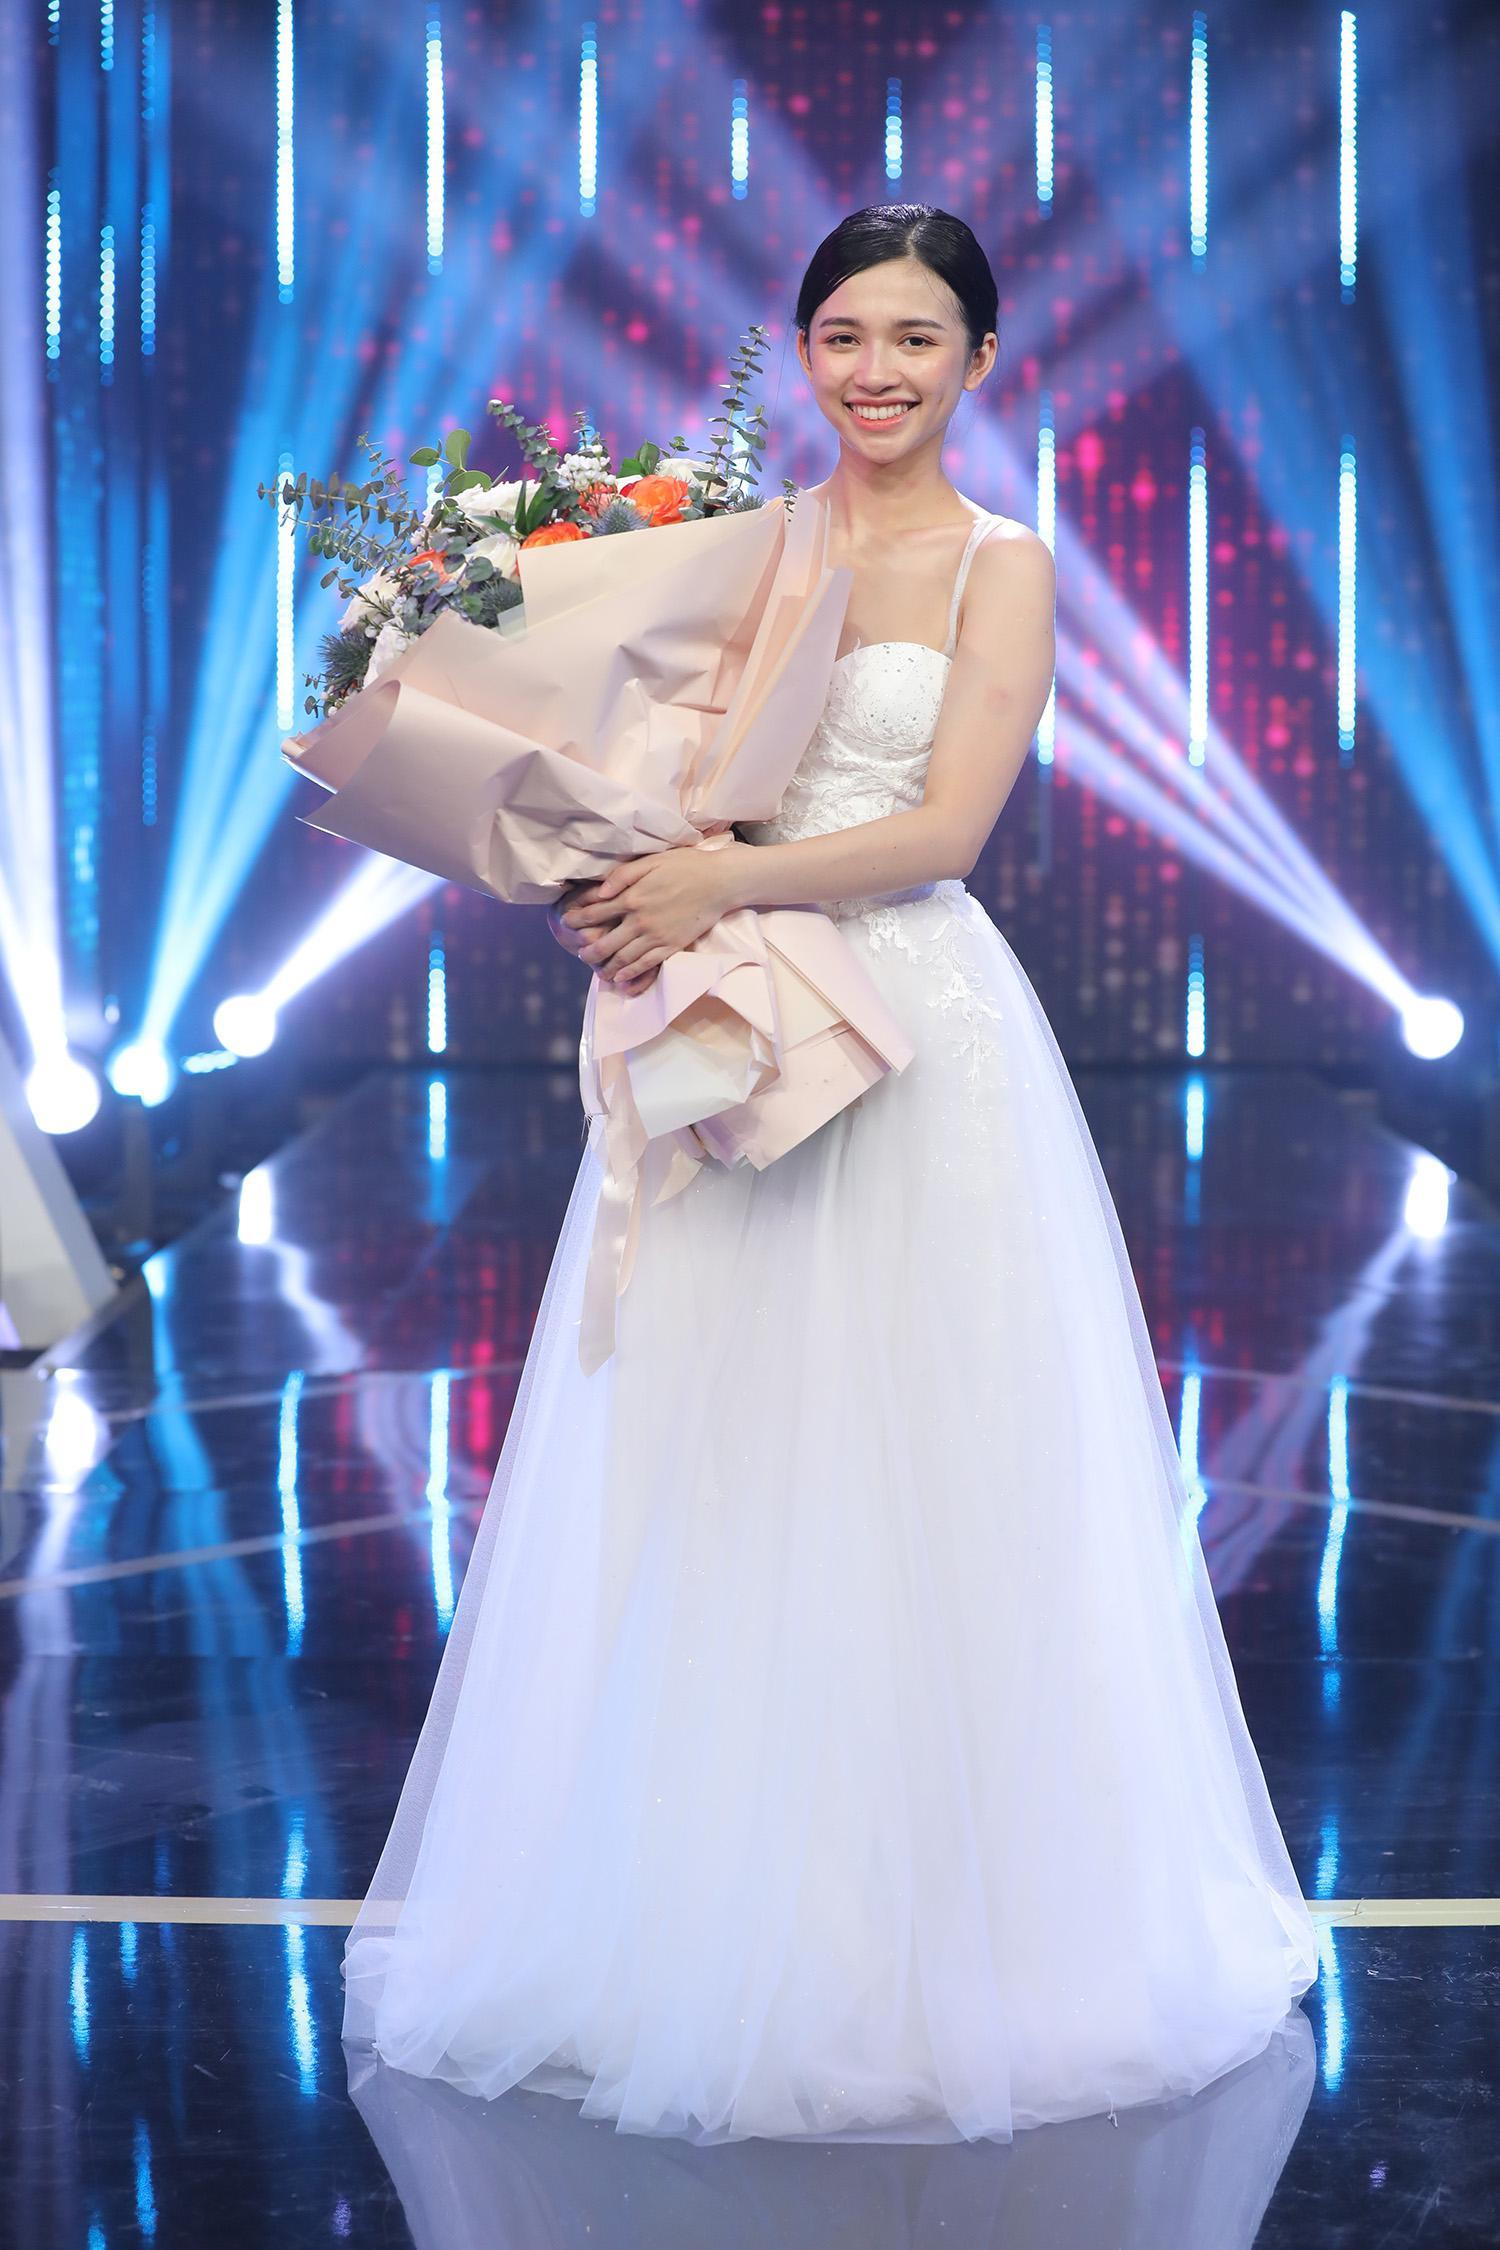 Nữ chính Diễm Quỳnh